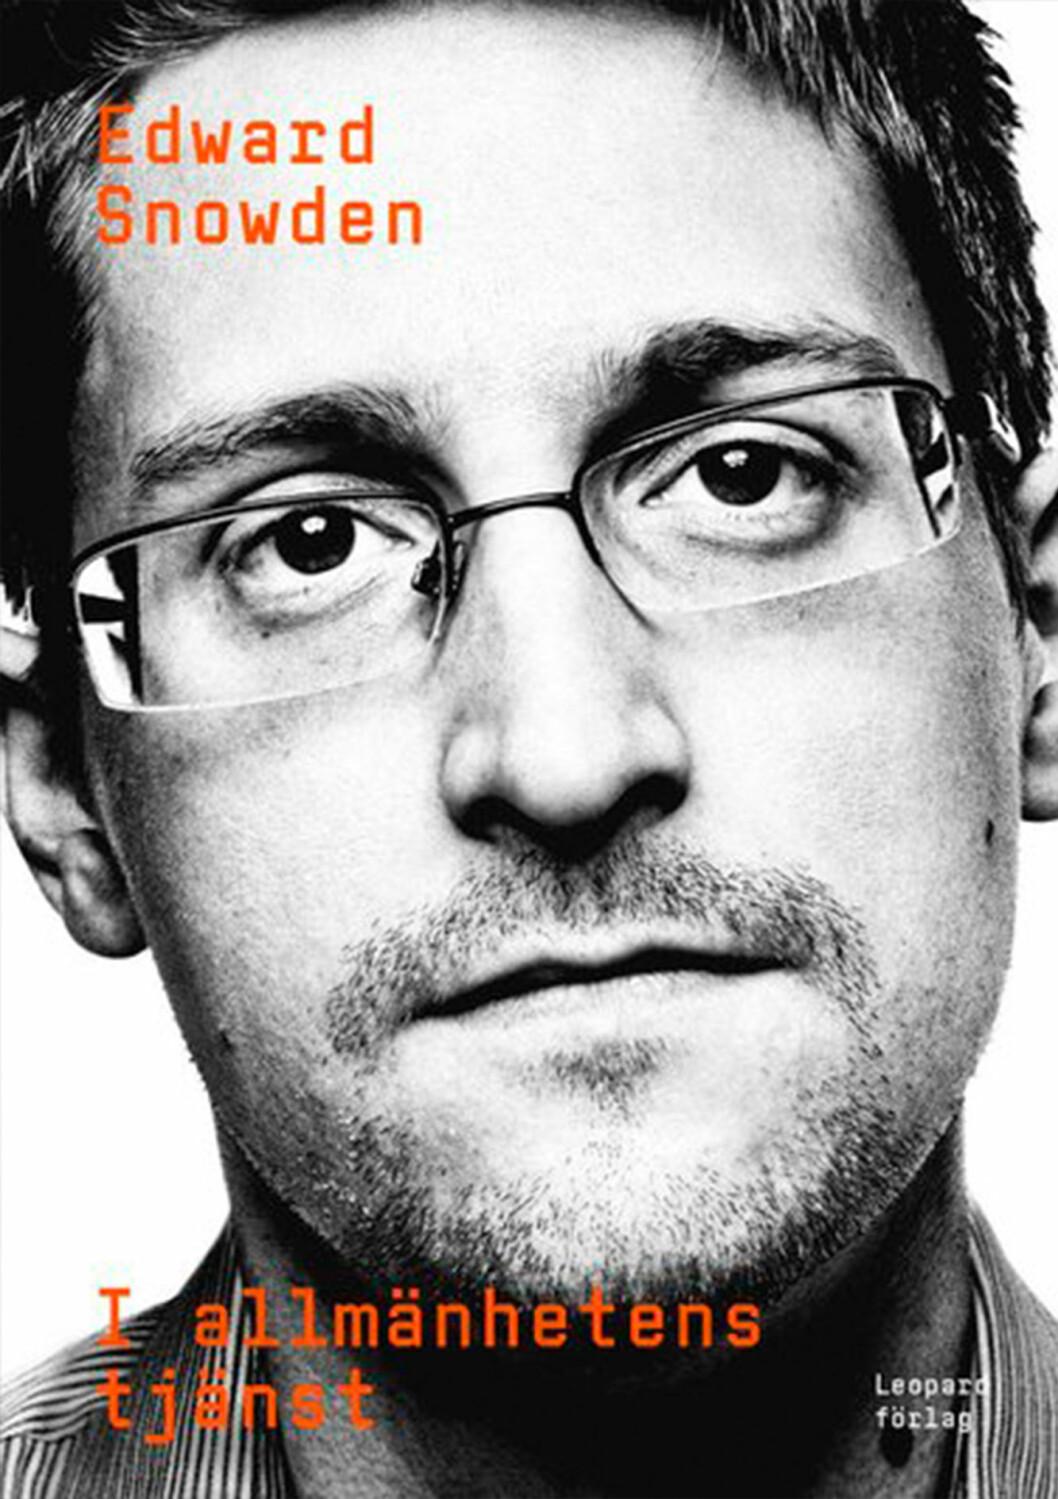 Bokomslag till I allmänhetenstjänst, bild på Edward Snowden.